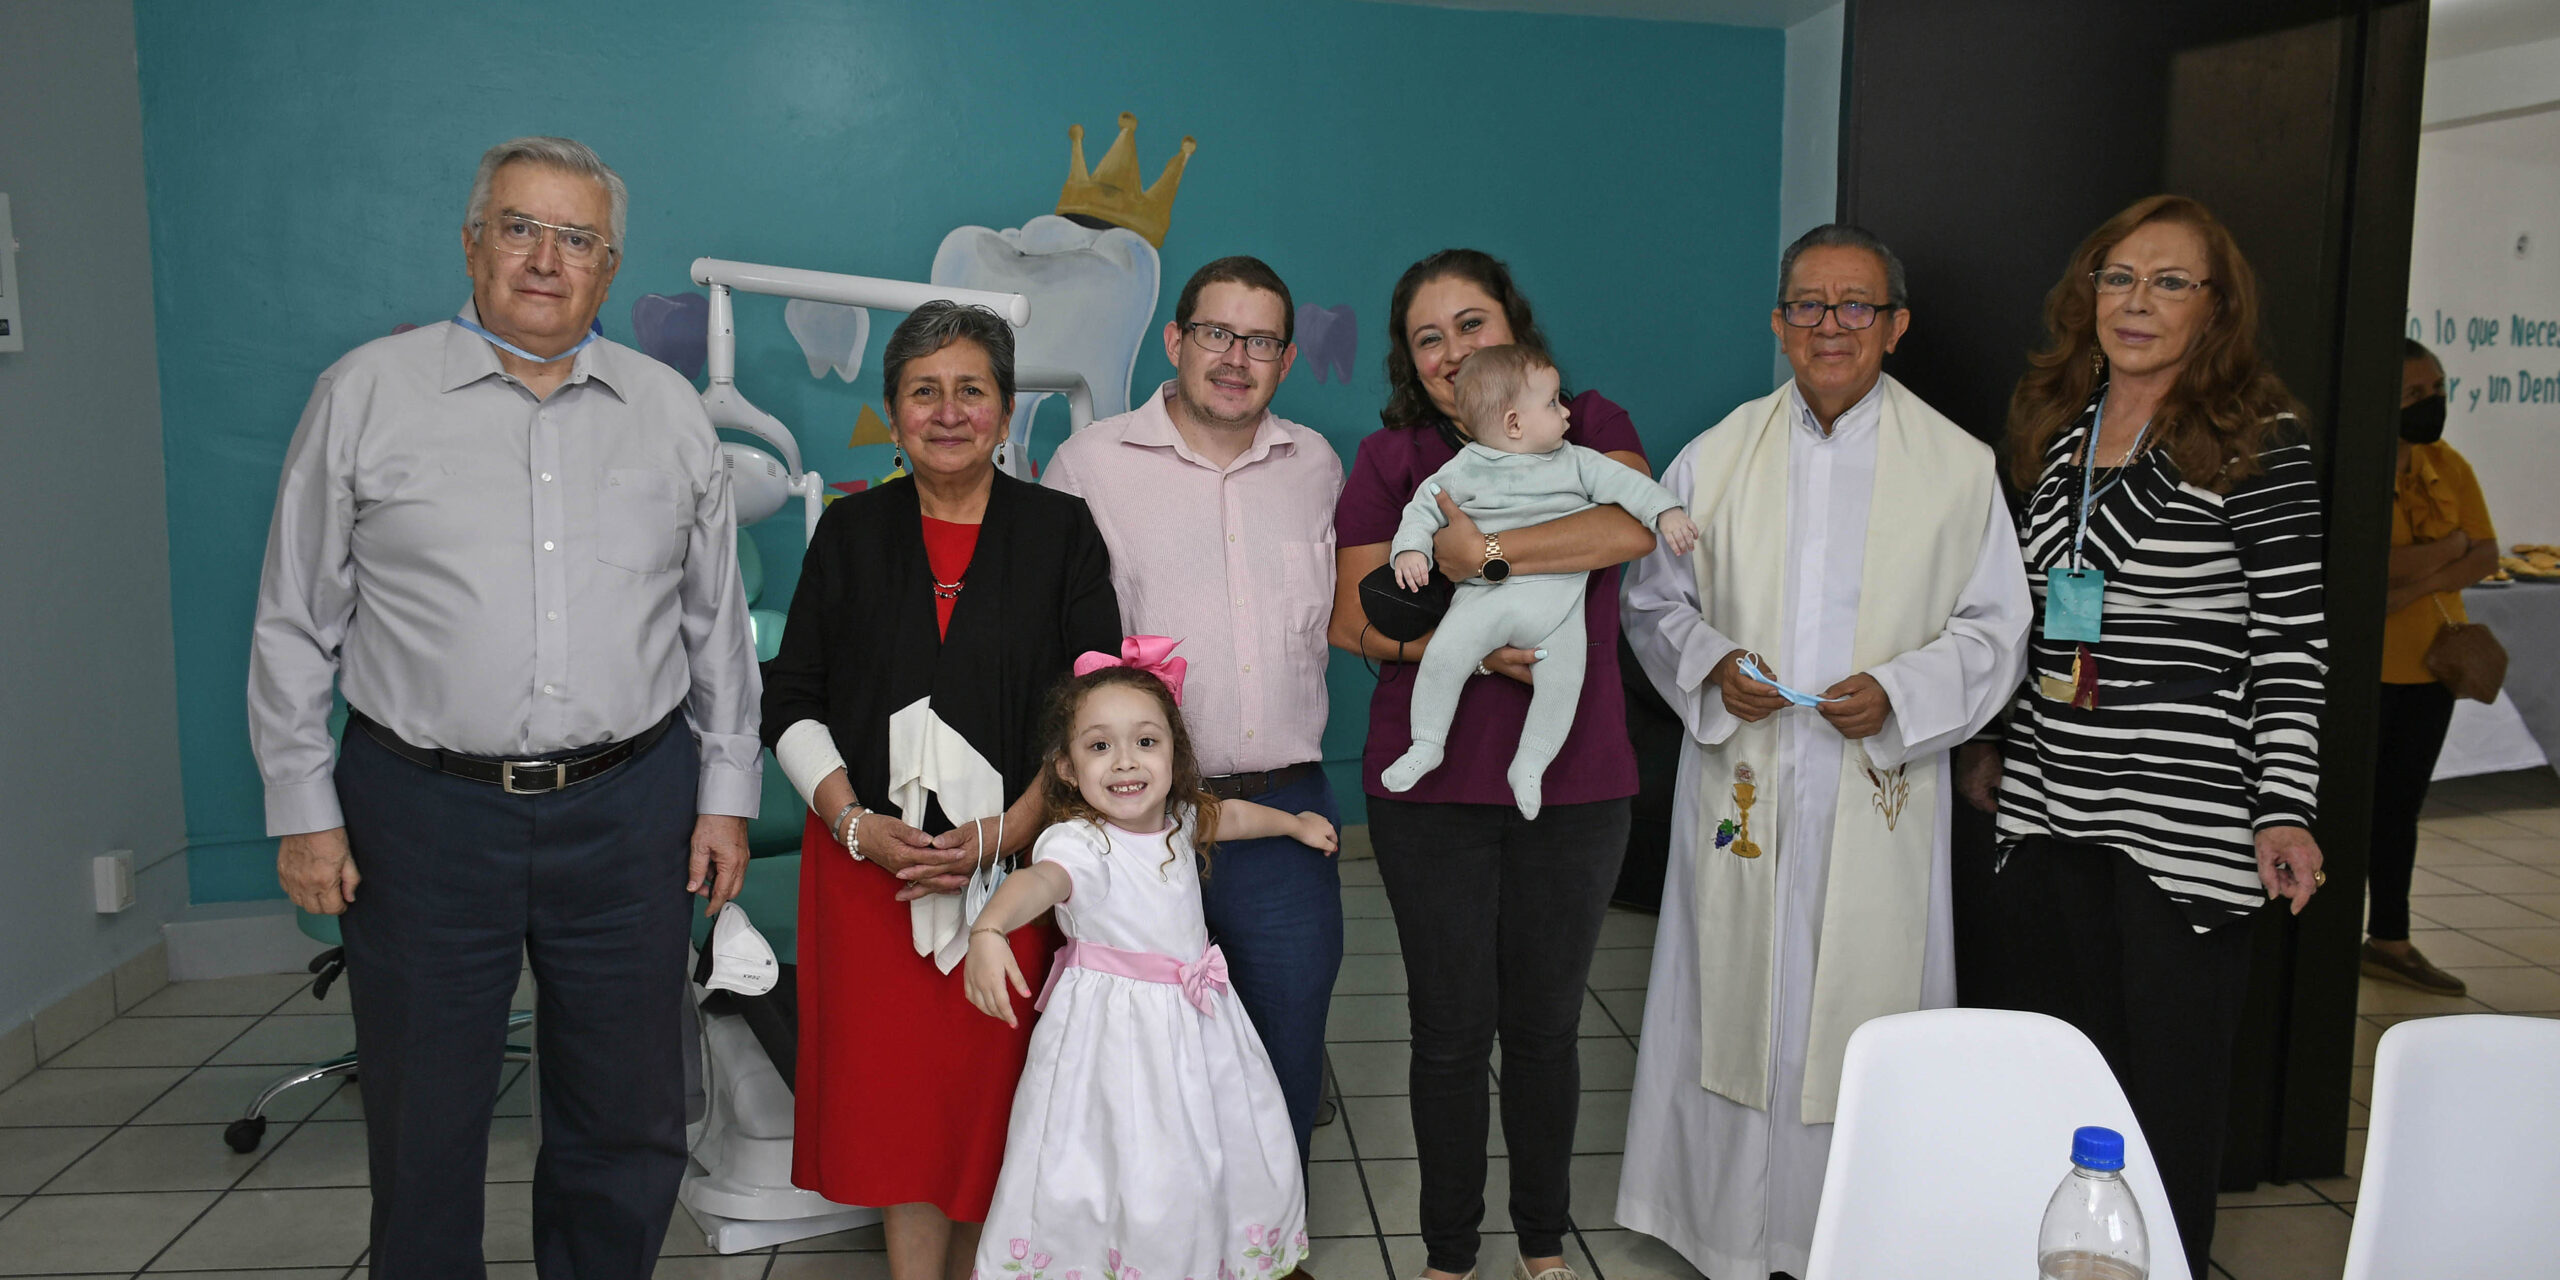 Comienza nueva etapa profesional | El Imparcial de Oaxaca